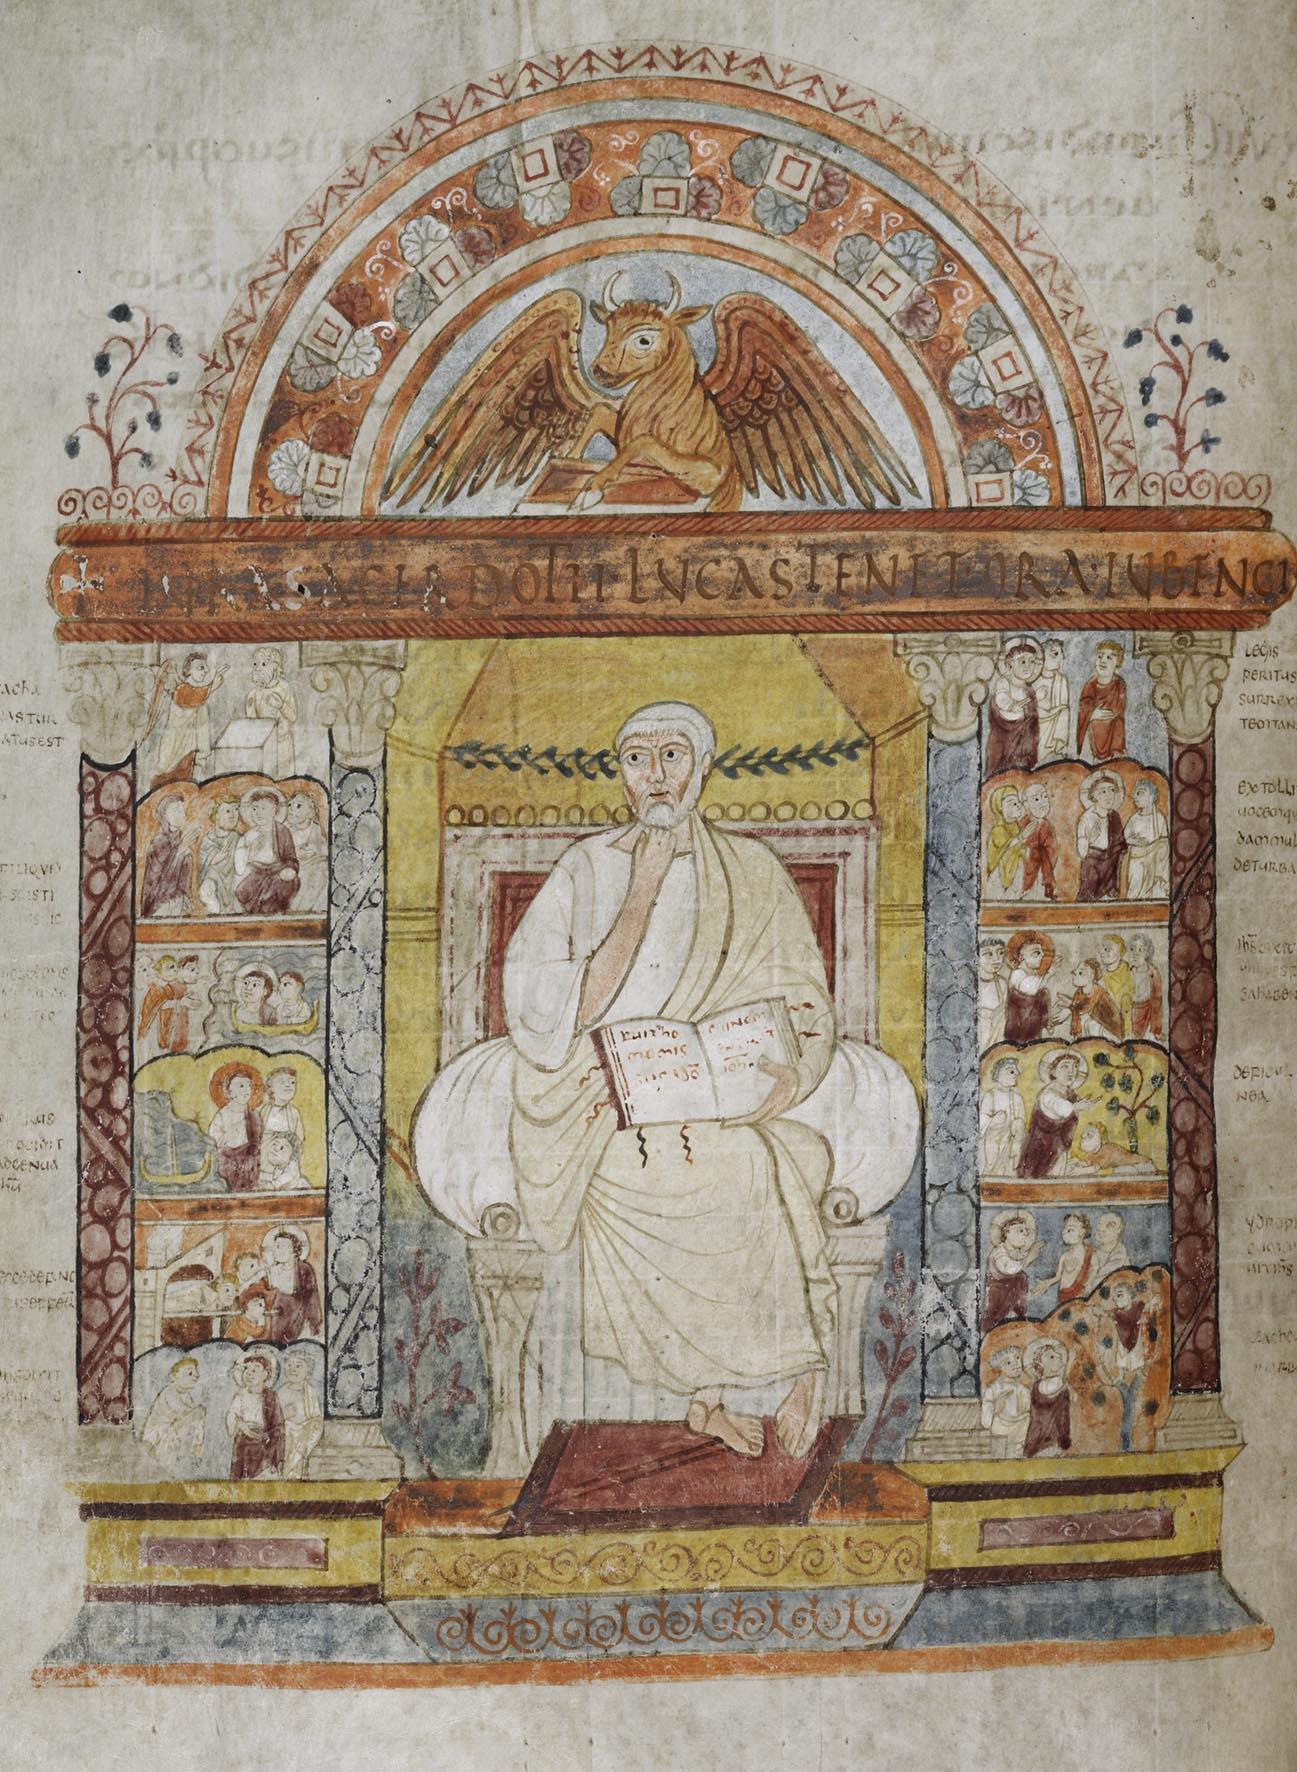 l4th century